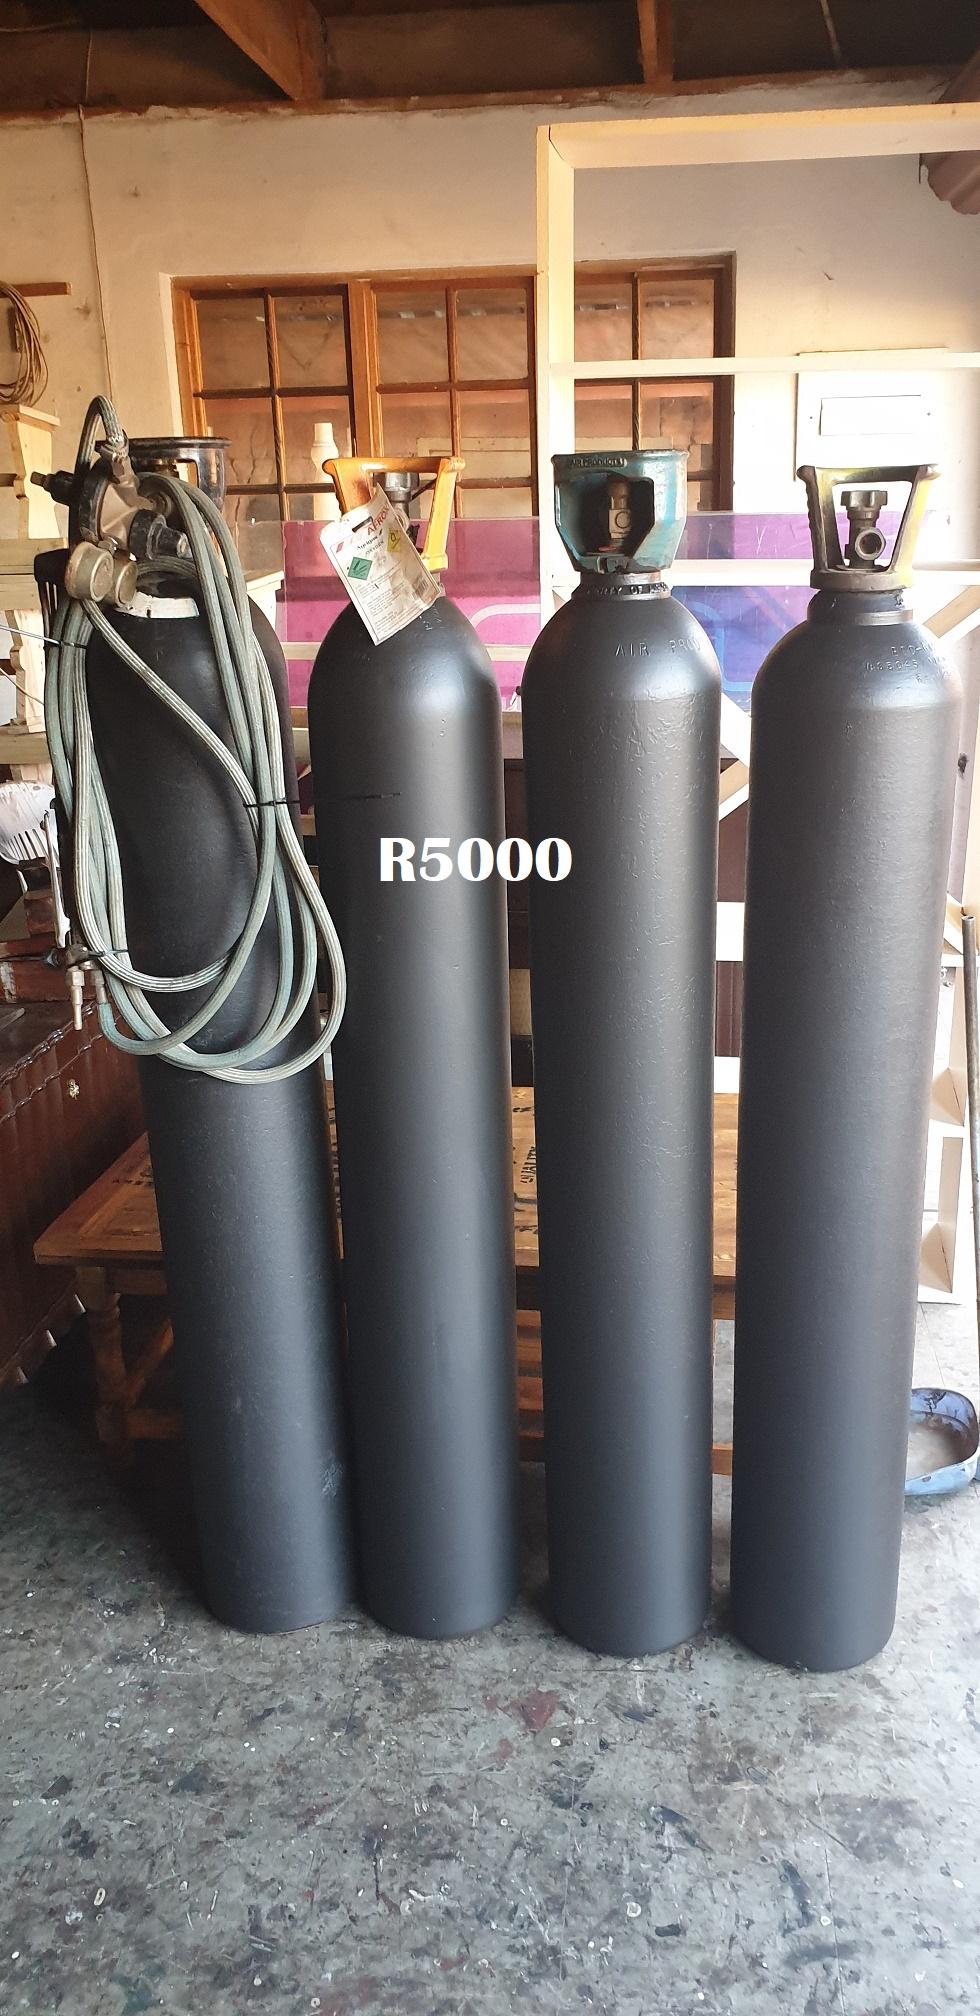 4 x Welding Gas Bottles (1550mm high)